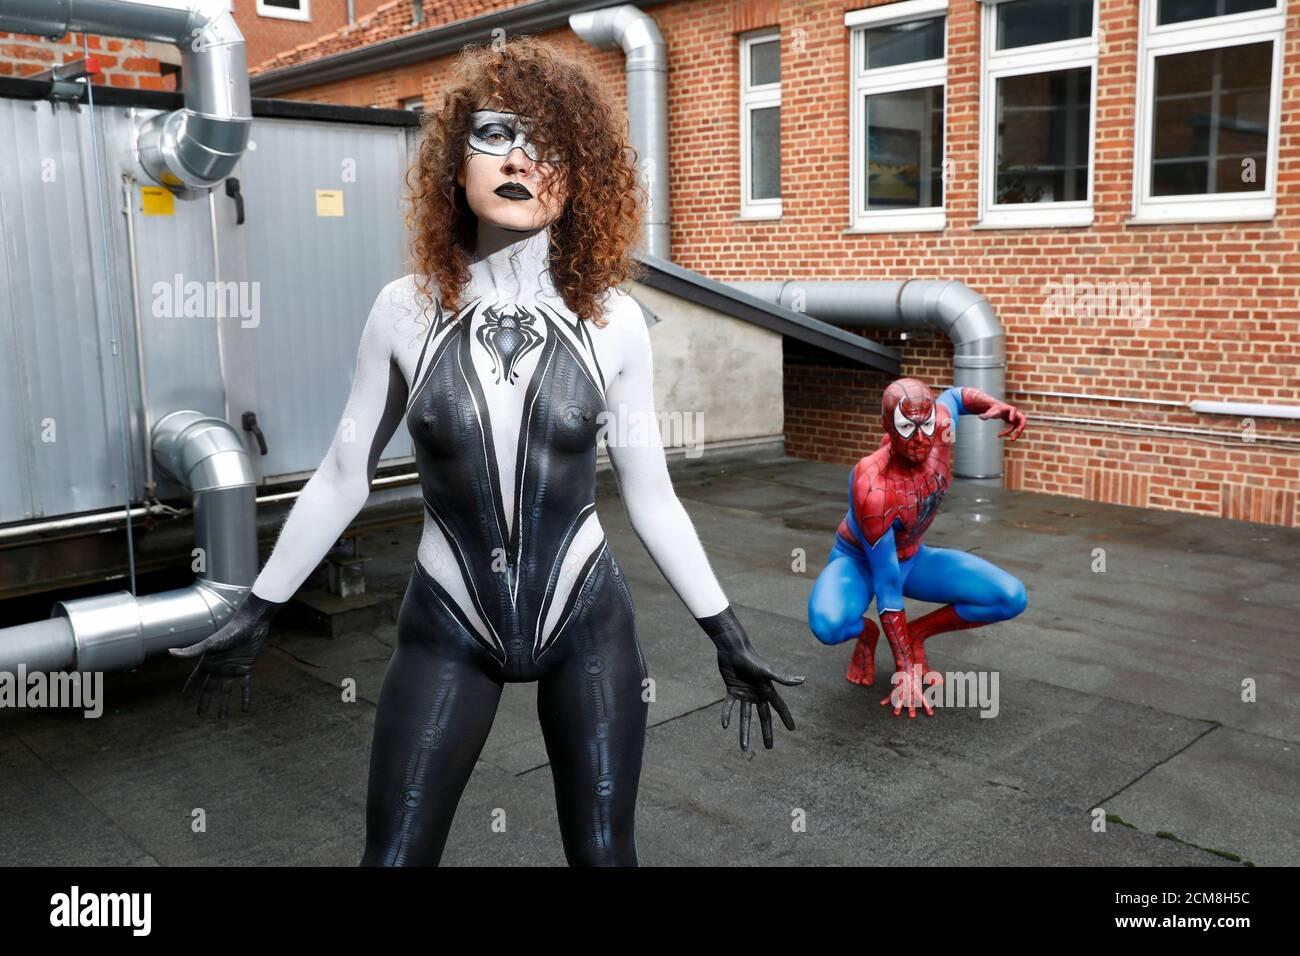 GEEK ART - Bodypainting e Transformaking: Spider-Man e Spider-Gwen fotografare con Patrick Kiel e Lena Kiel all'Hefehof di Hamelin il 15 settembre 2020 - un progetto del fotografo Tschiponnique Skupin e del bodypainter Enrico Lein Foto Stock